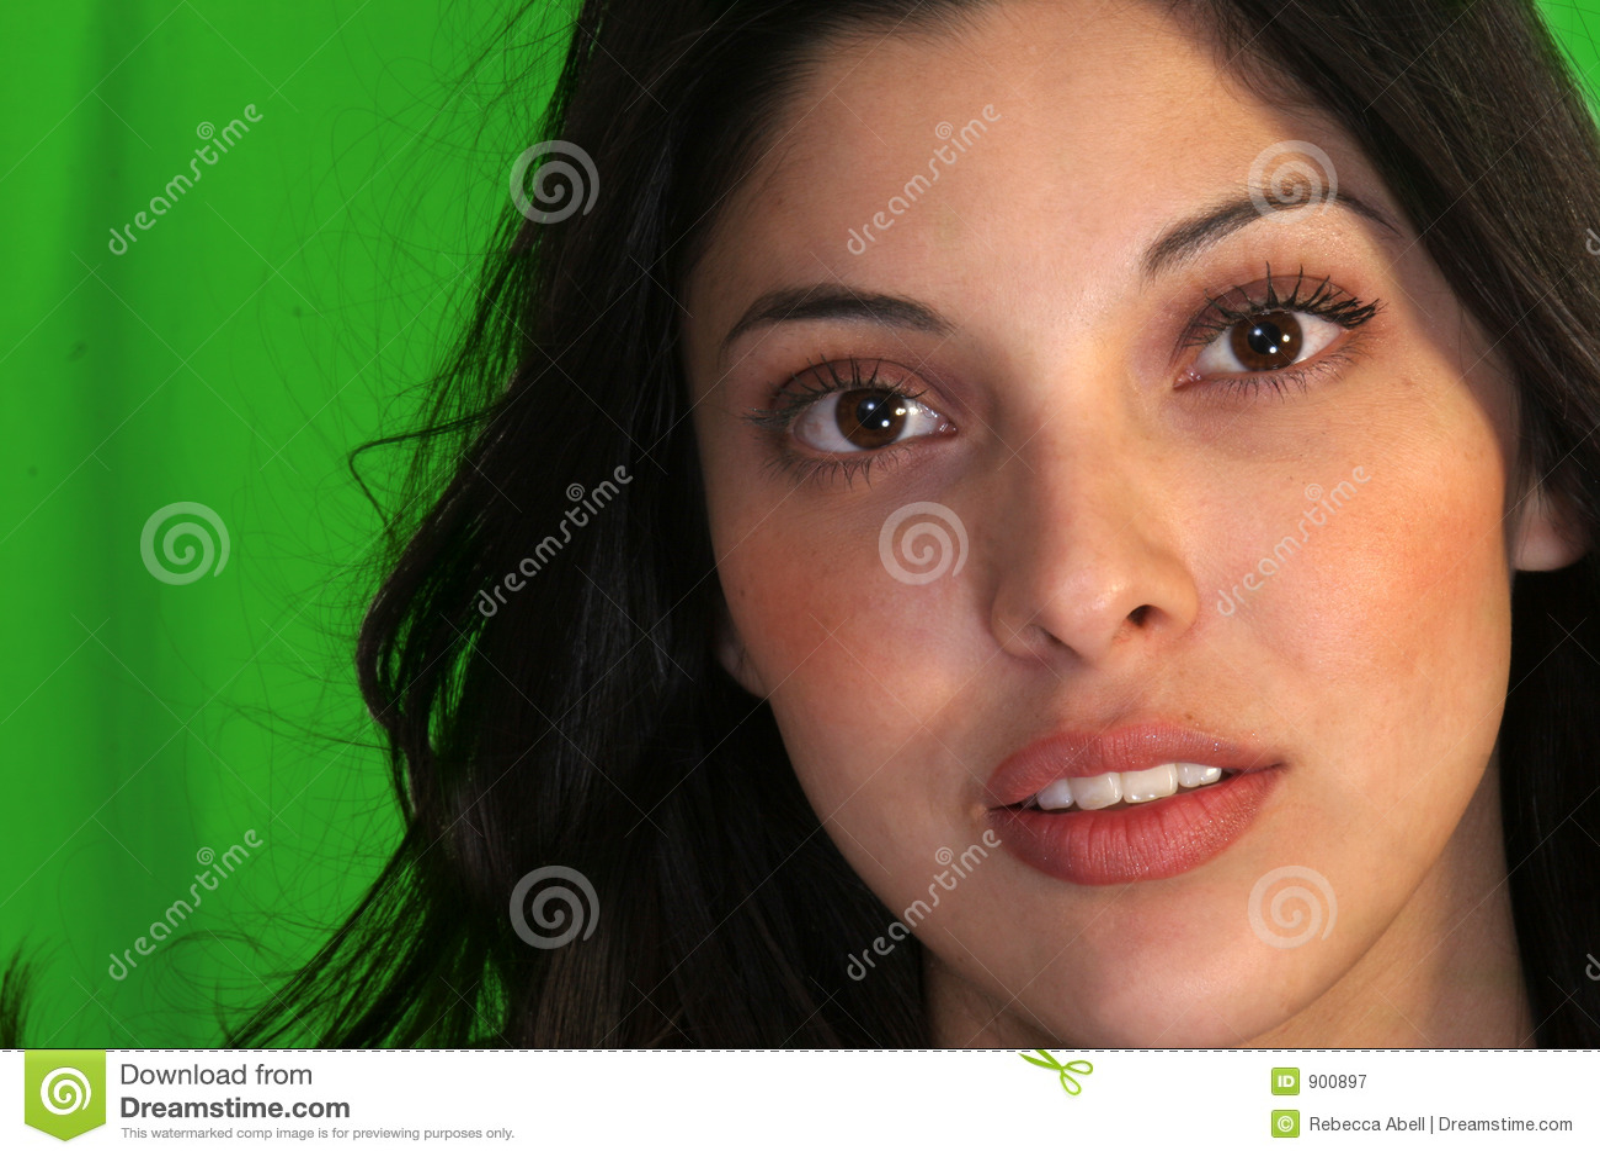 latina face